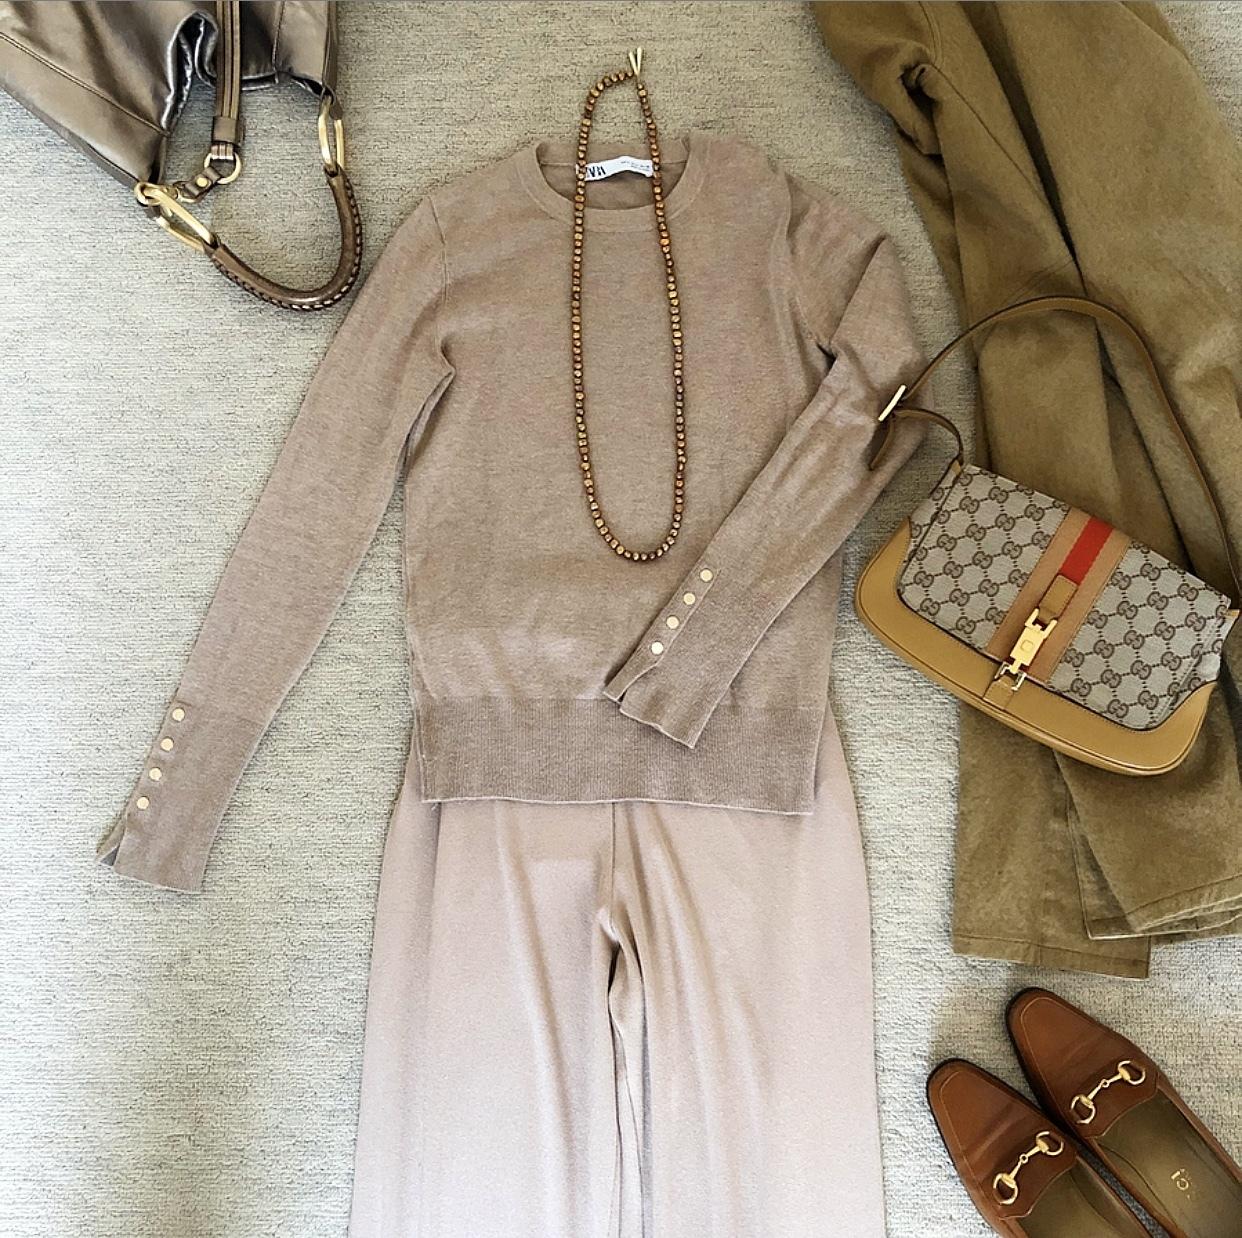 【2020春夏 50代のプチプラファッション】華組ブロガーの『ZARA』プチプラ高見えコーデ特集_1_42